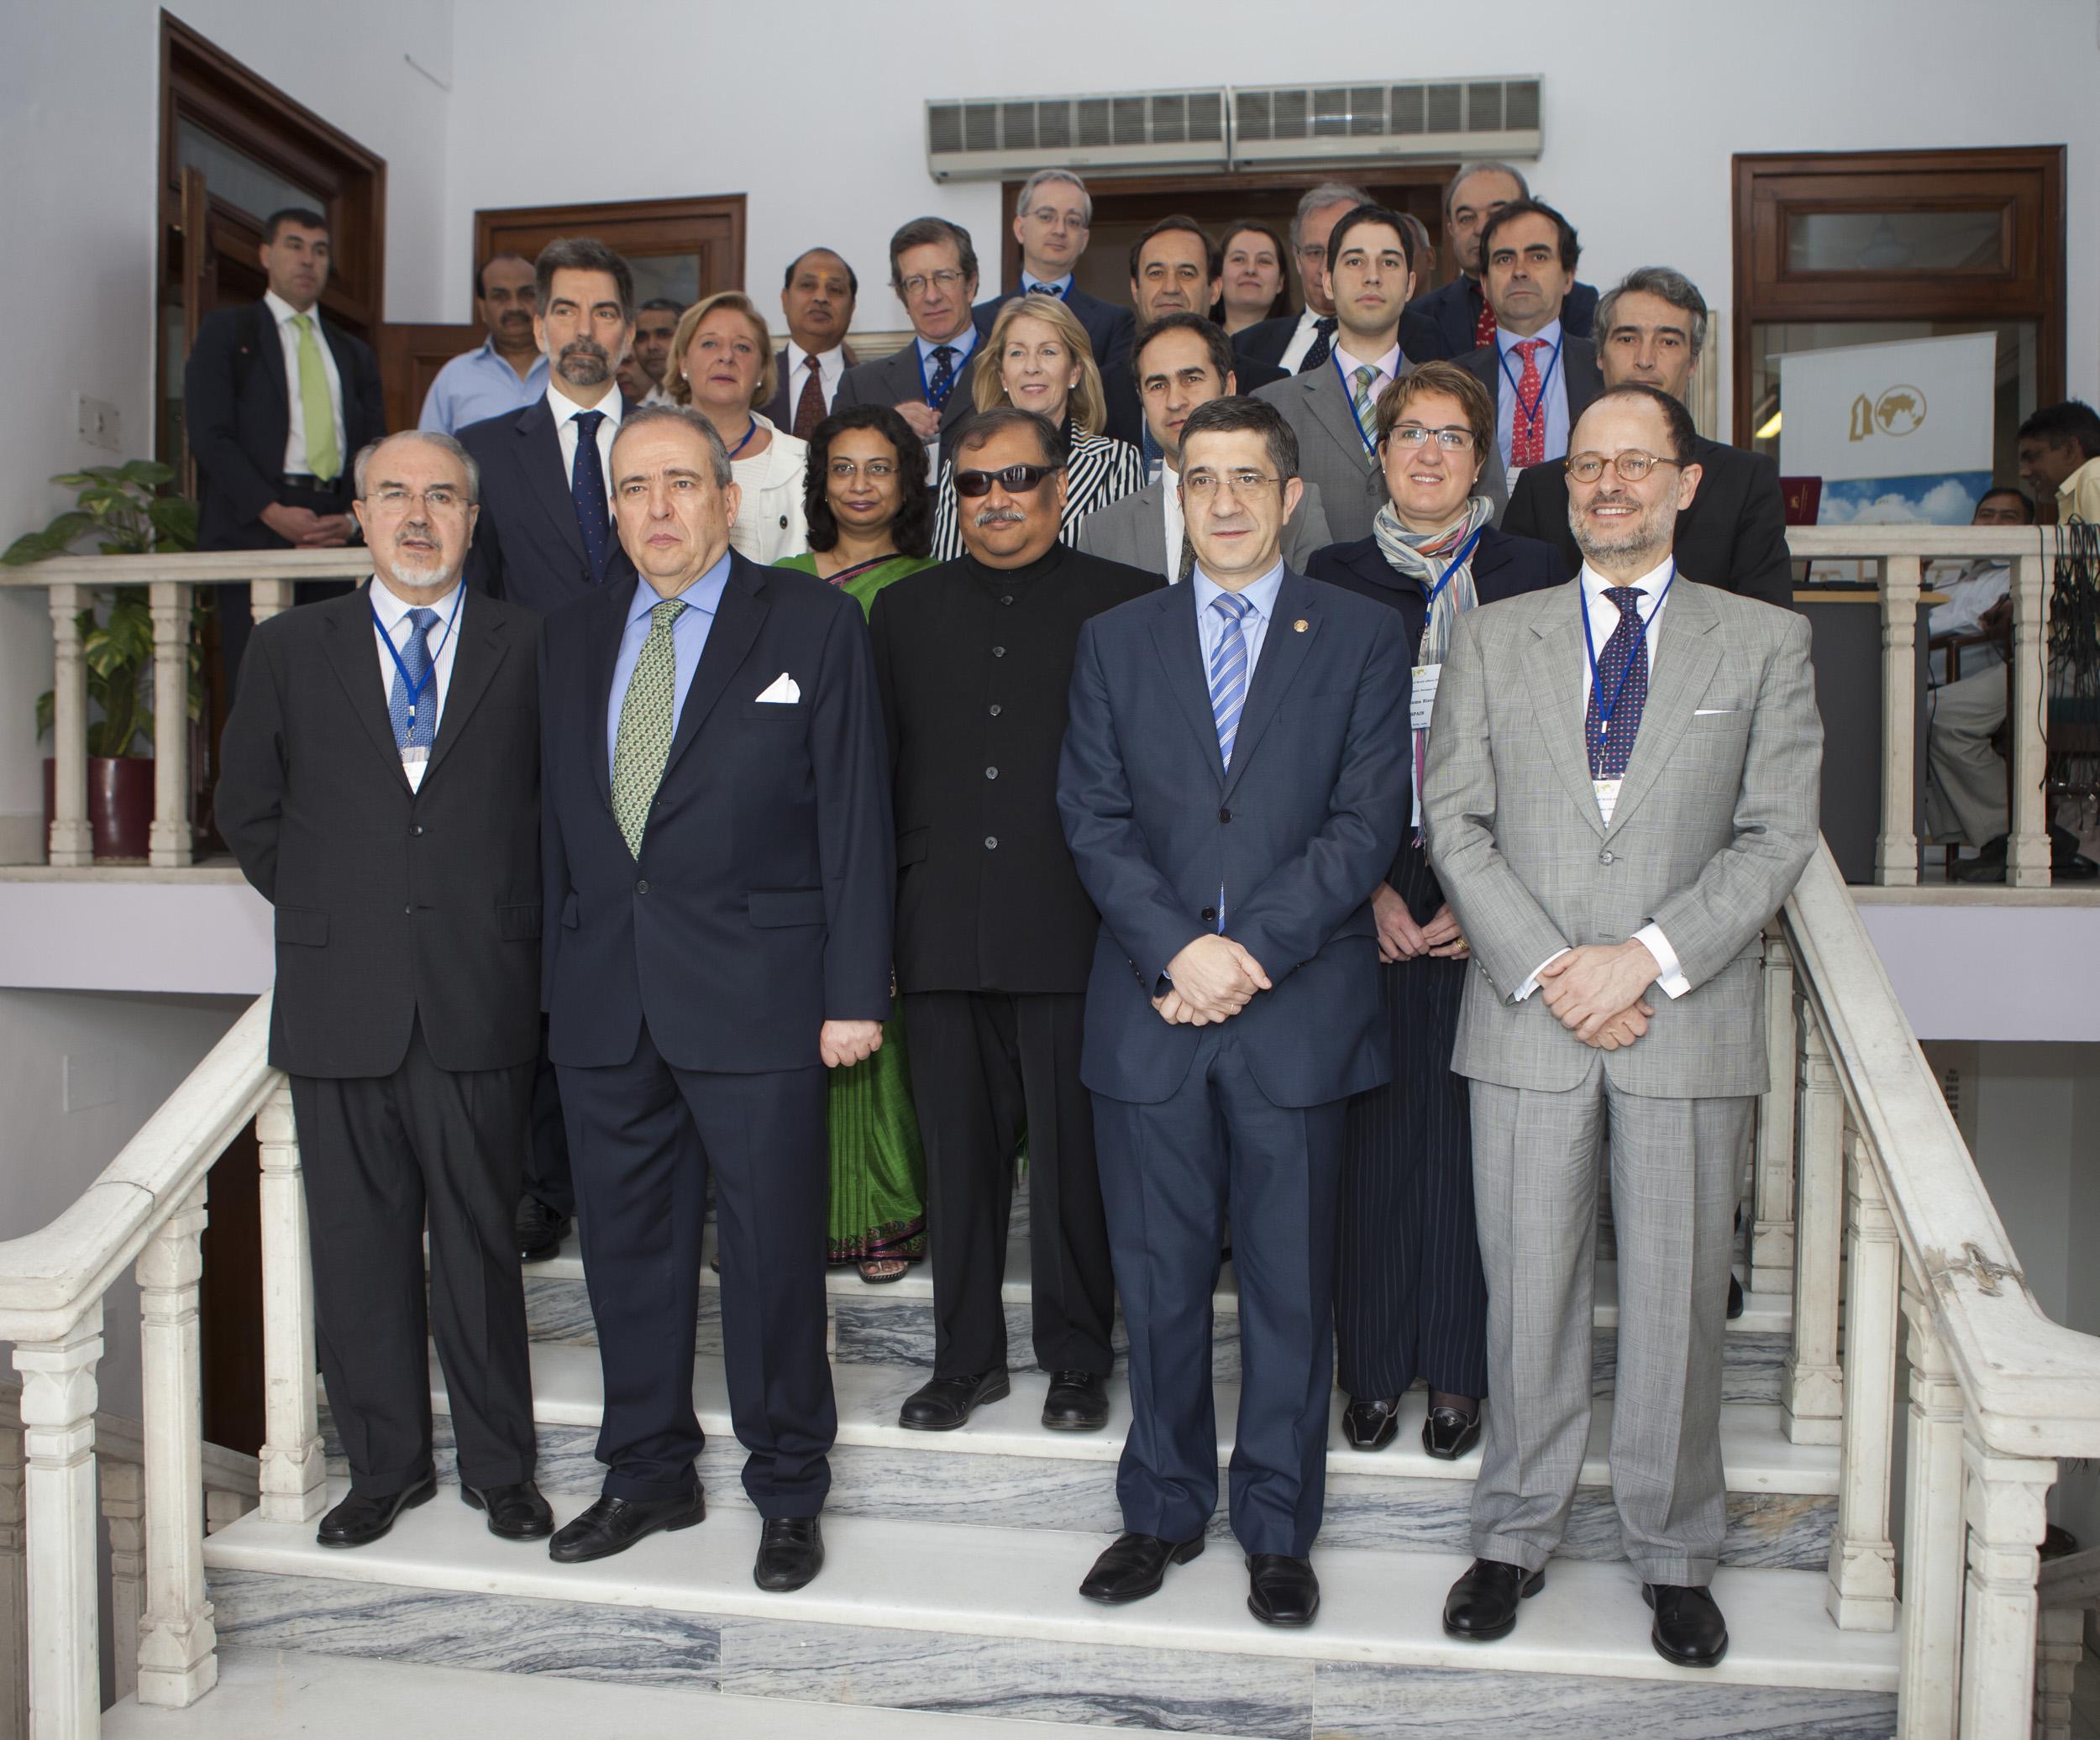 2012_03_21_tribuna_india_espana8.jpg